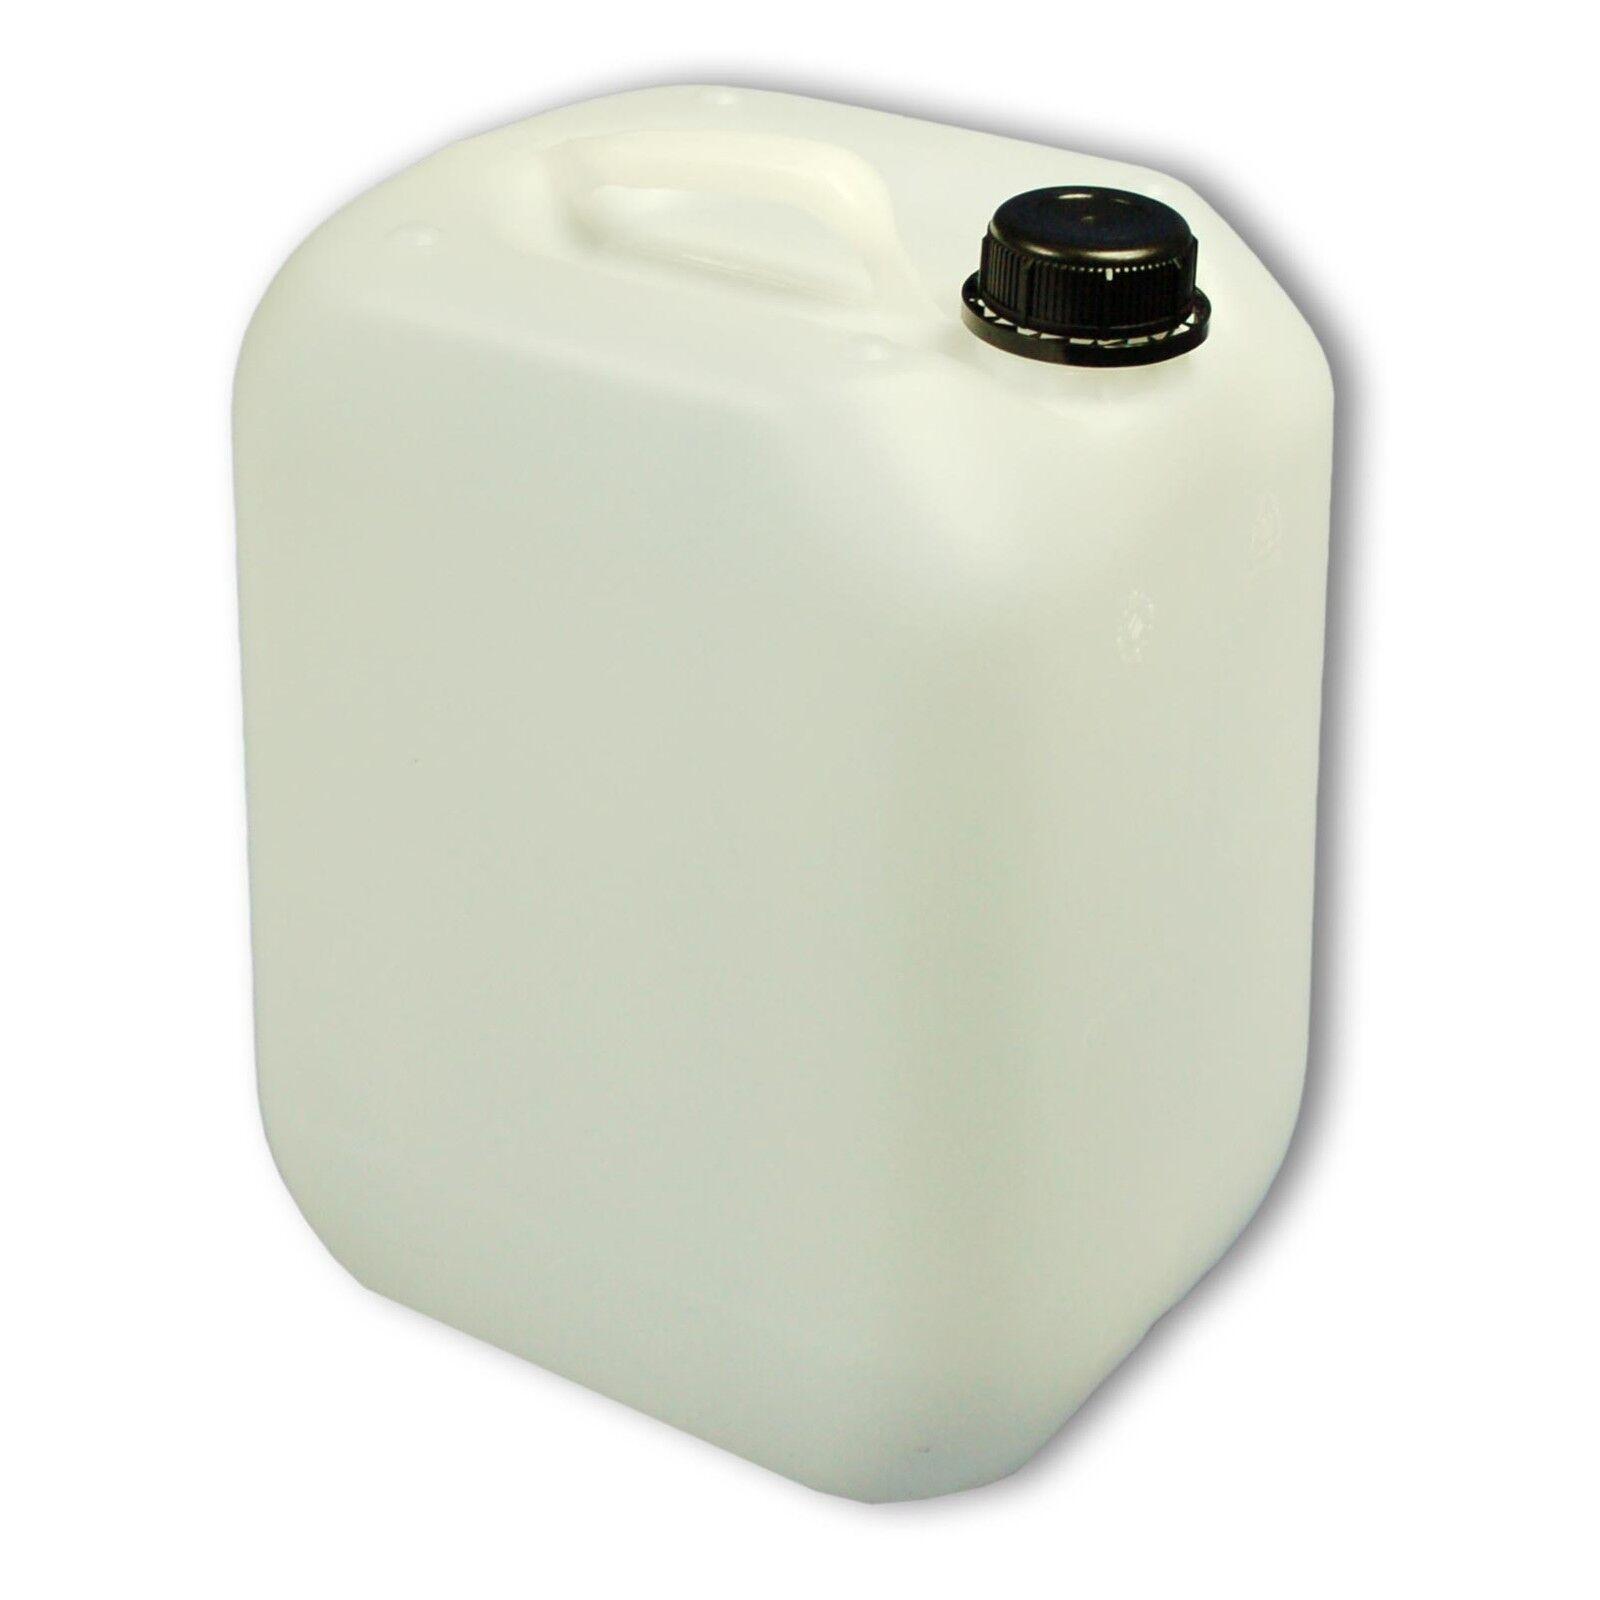 Bidon en plastique 10 L, DIN45 naturel, Jerrican fabriqué en Bidon Allemagne (22003) 39c7e2